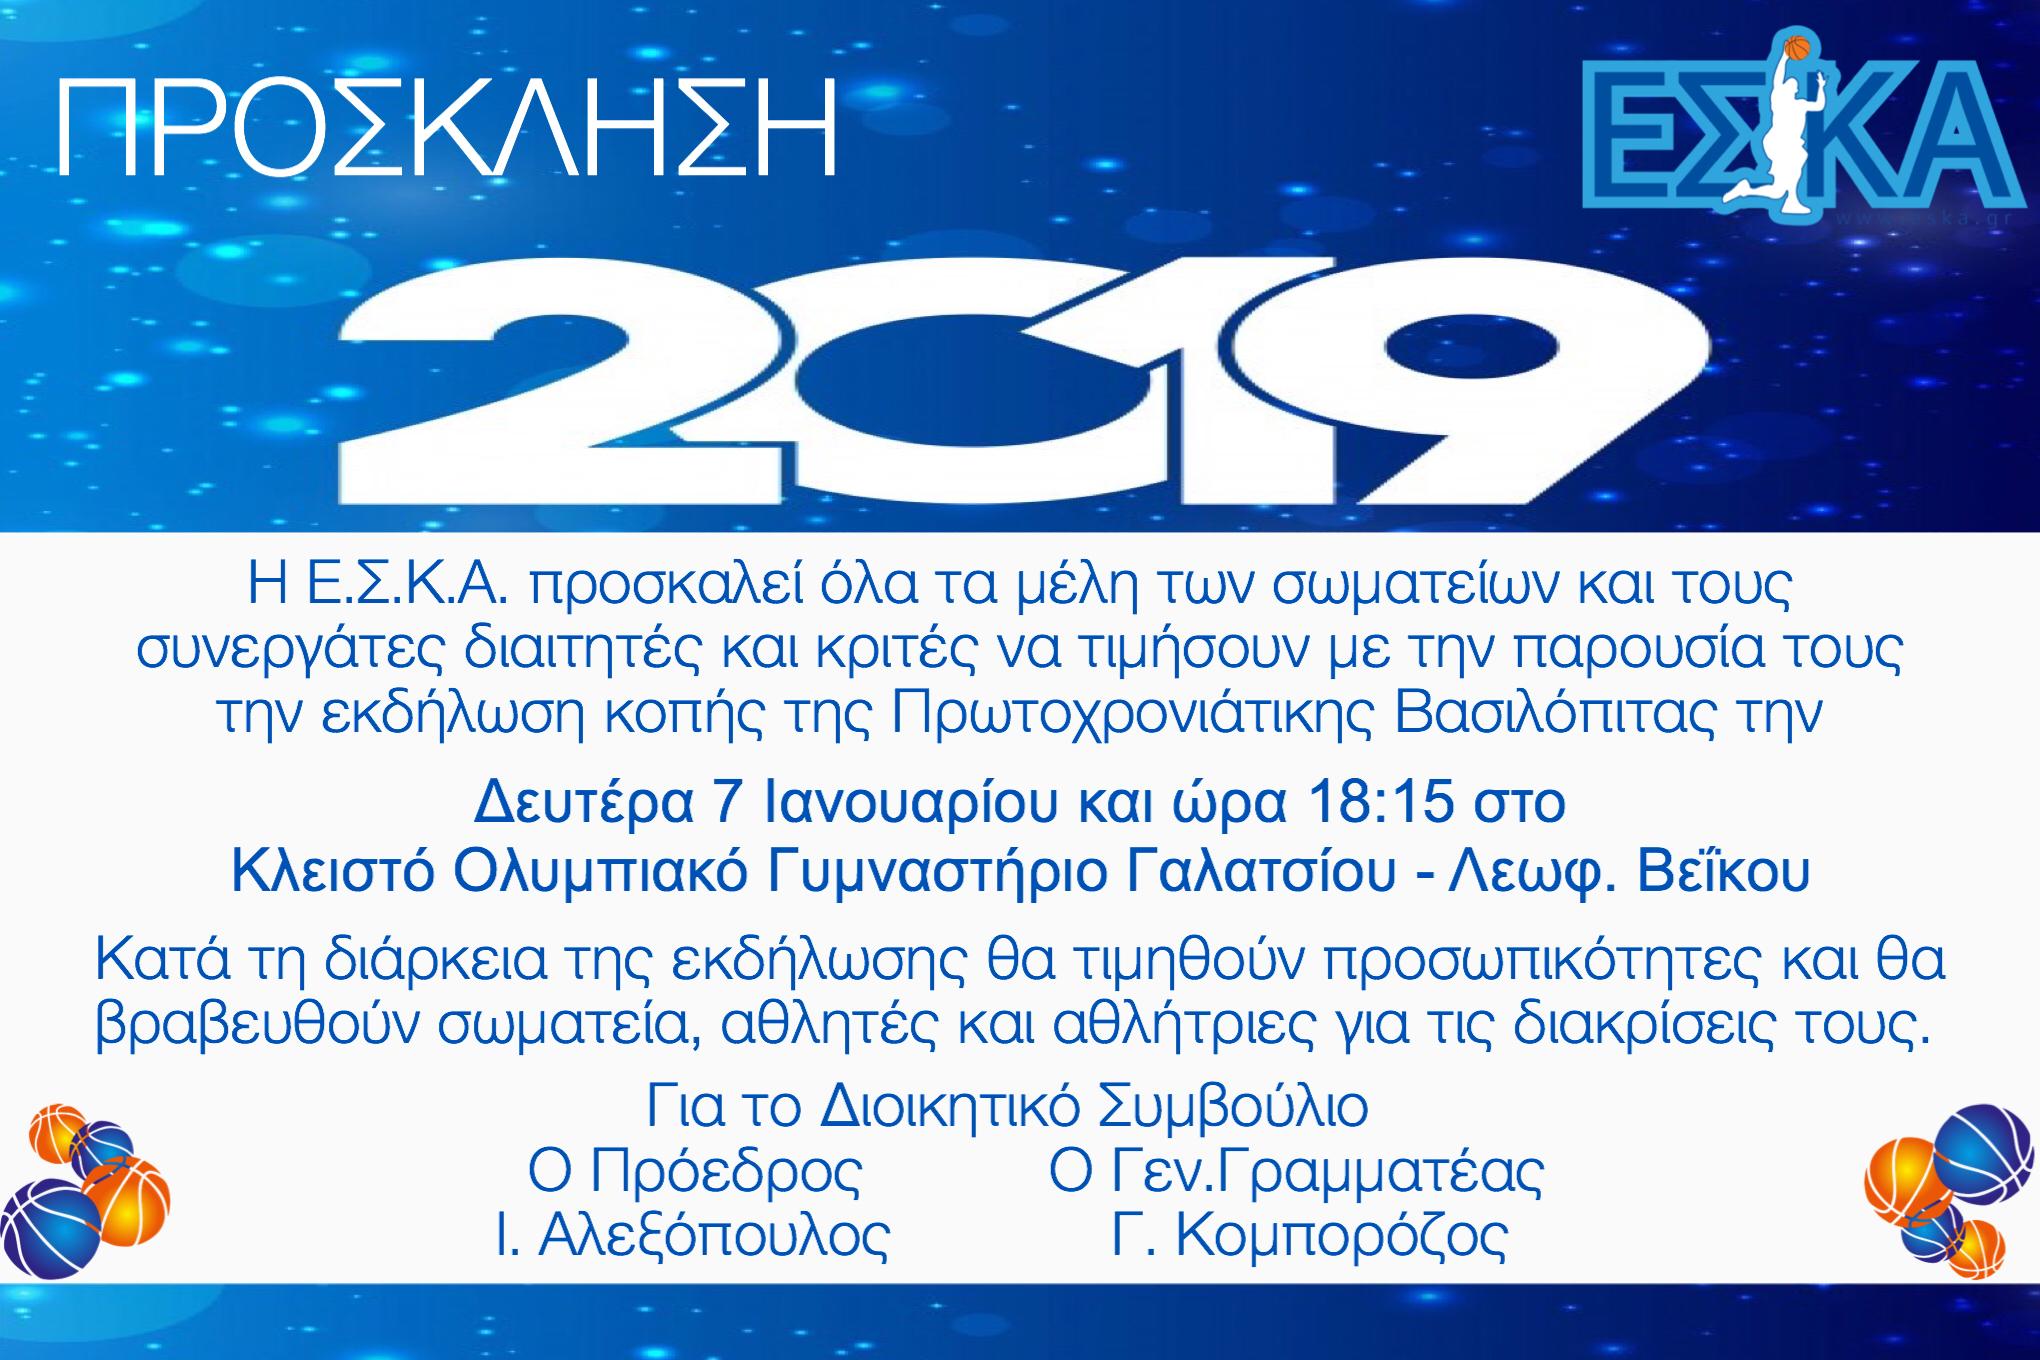 Πρόσκληση για την εκδήλωση κοπής της Βασιλόπιτας της ΕΣΚΑ